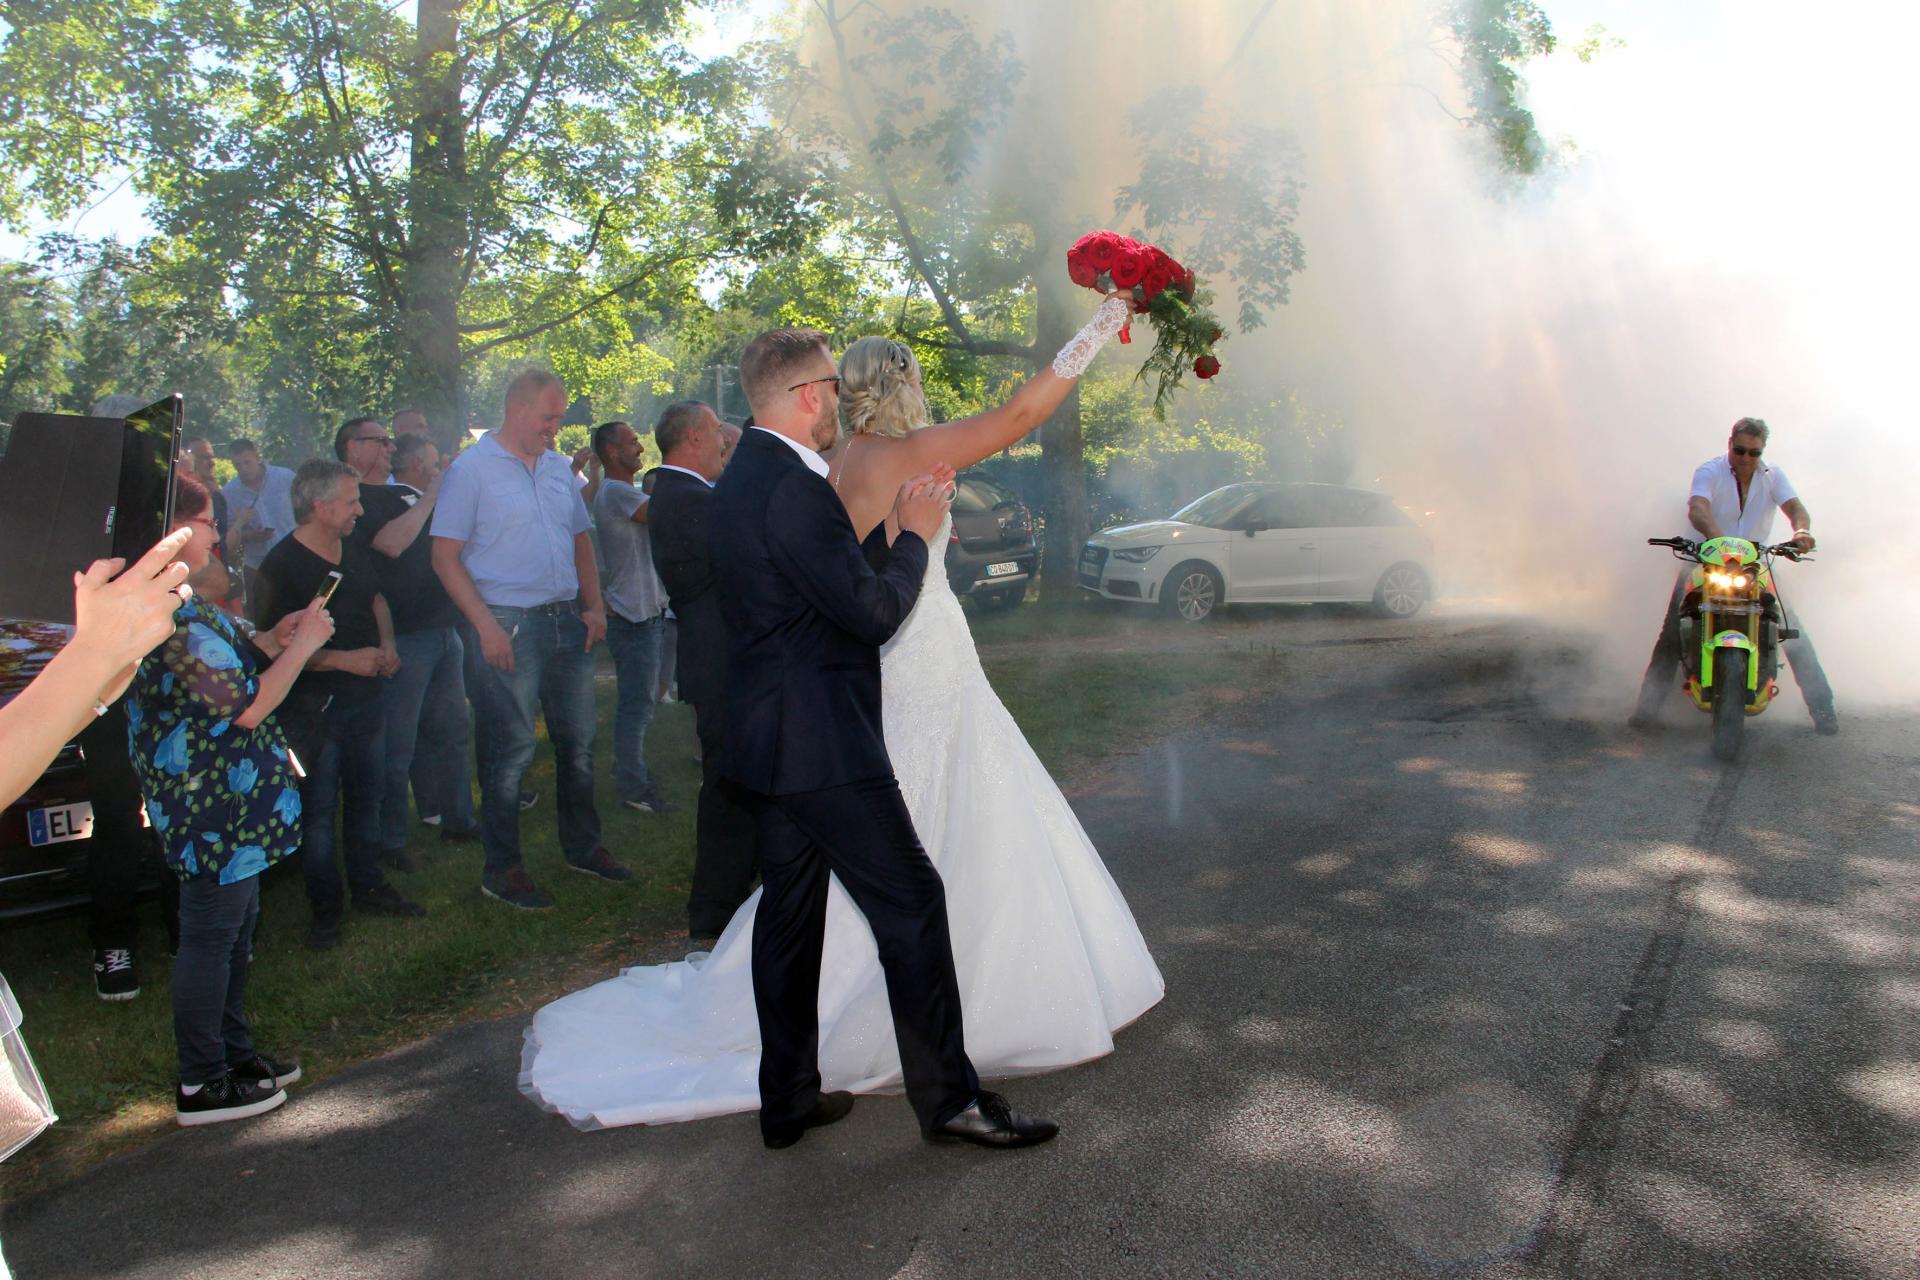 Le mariage d'Aline et Thimothée est ligne